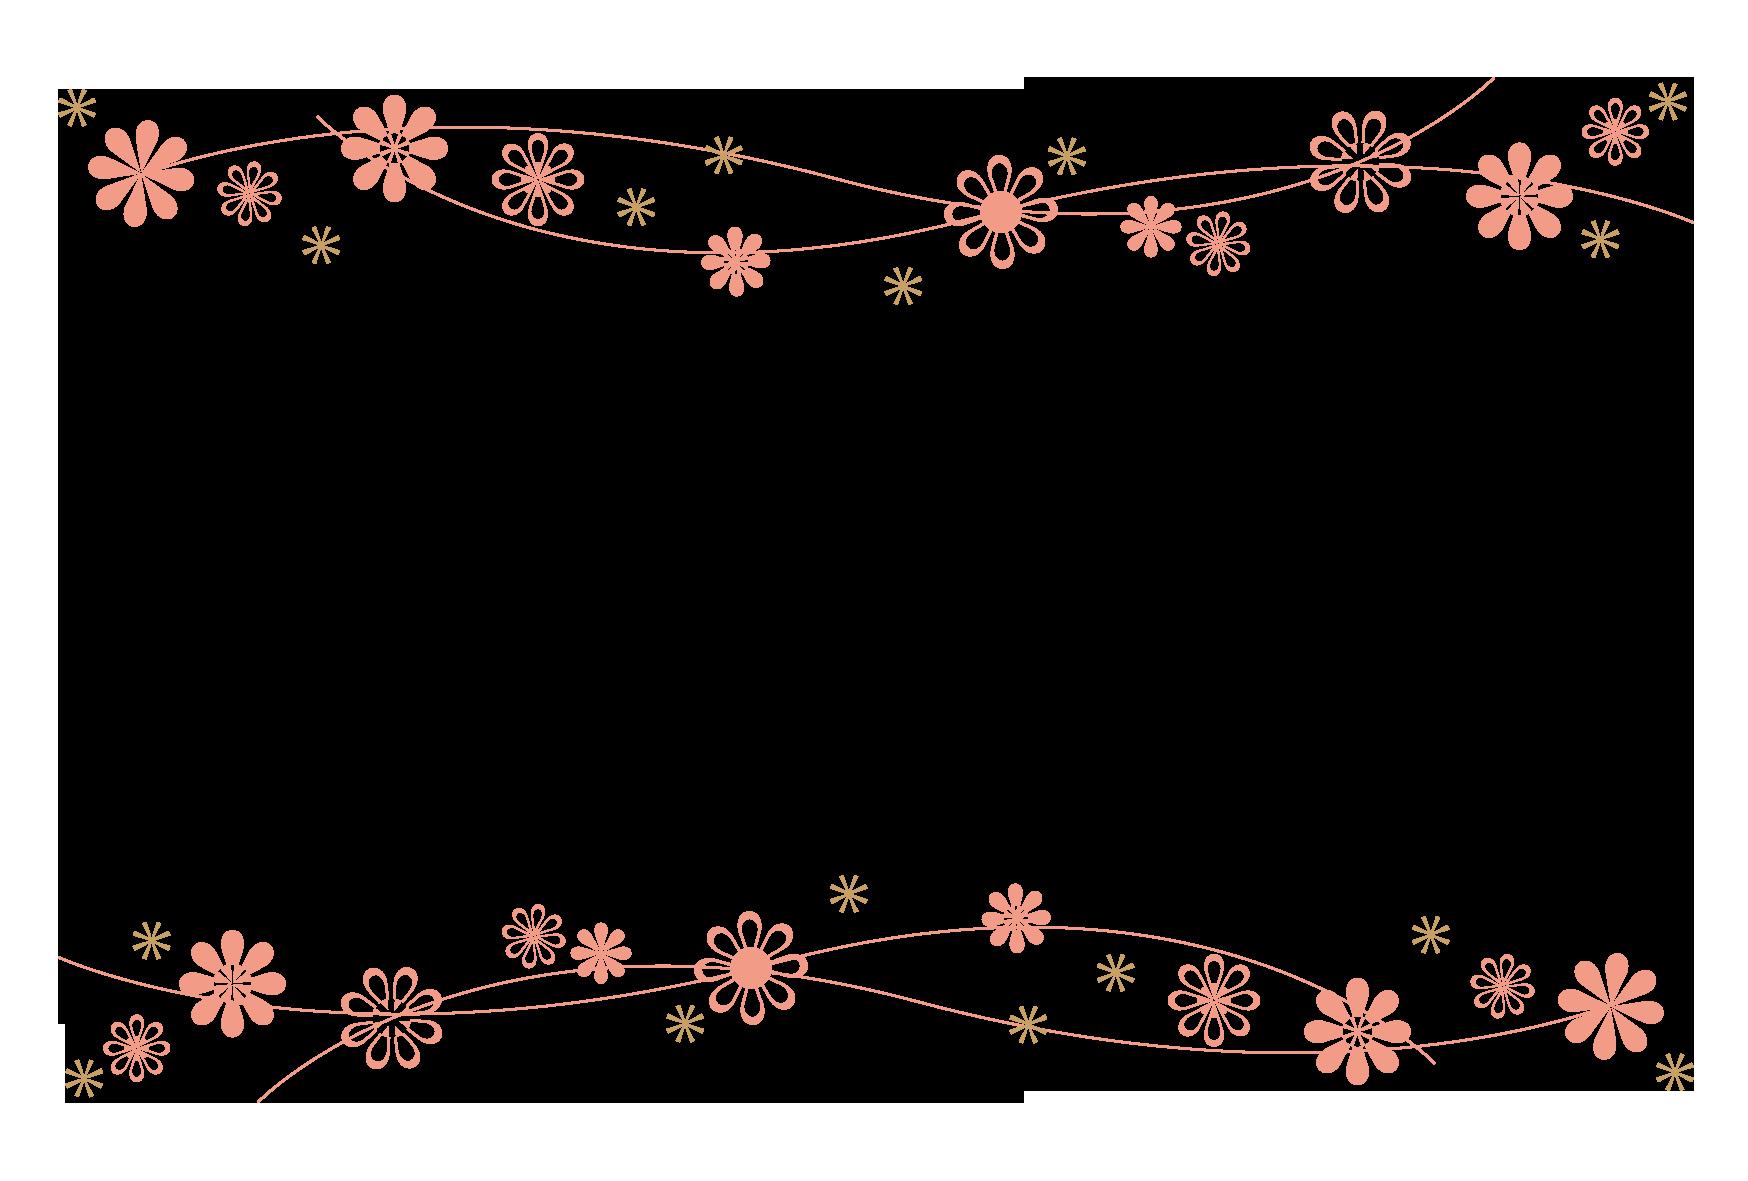 春」のイラスト一覧 - 無料イラスト愛